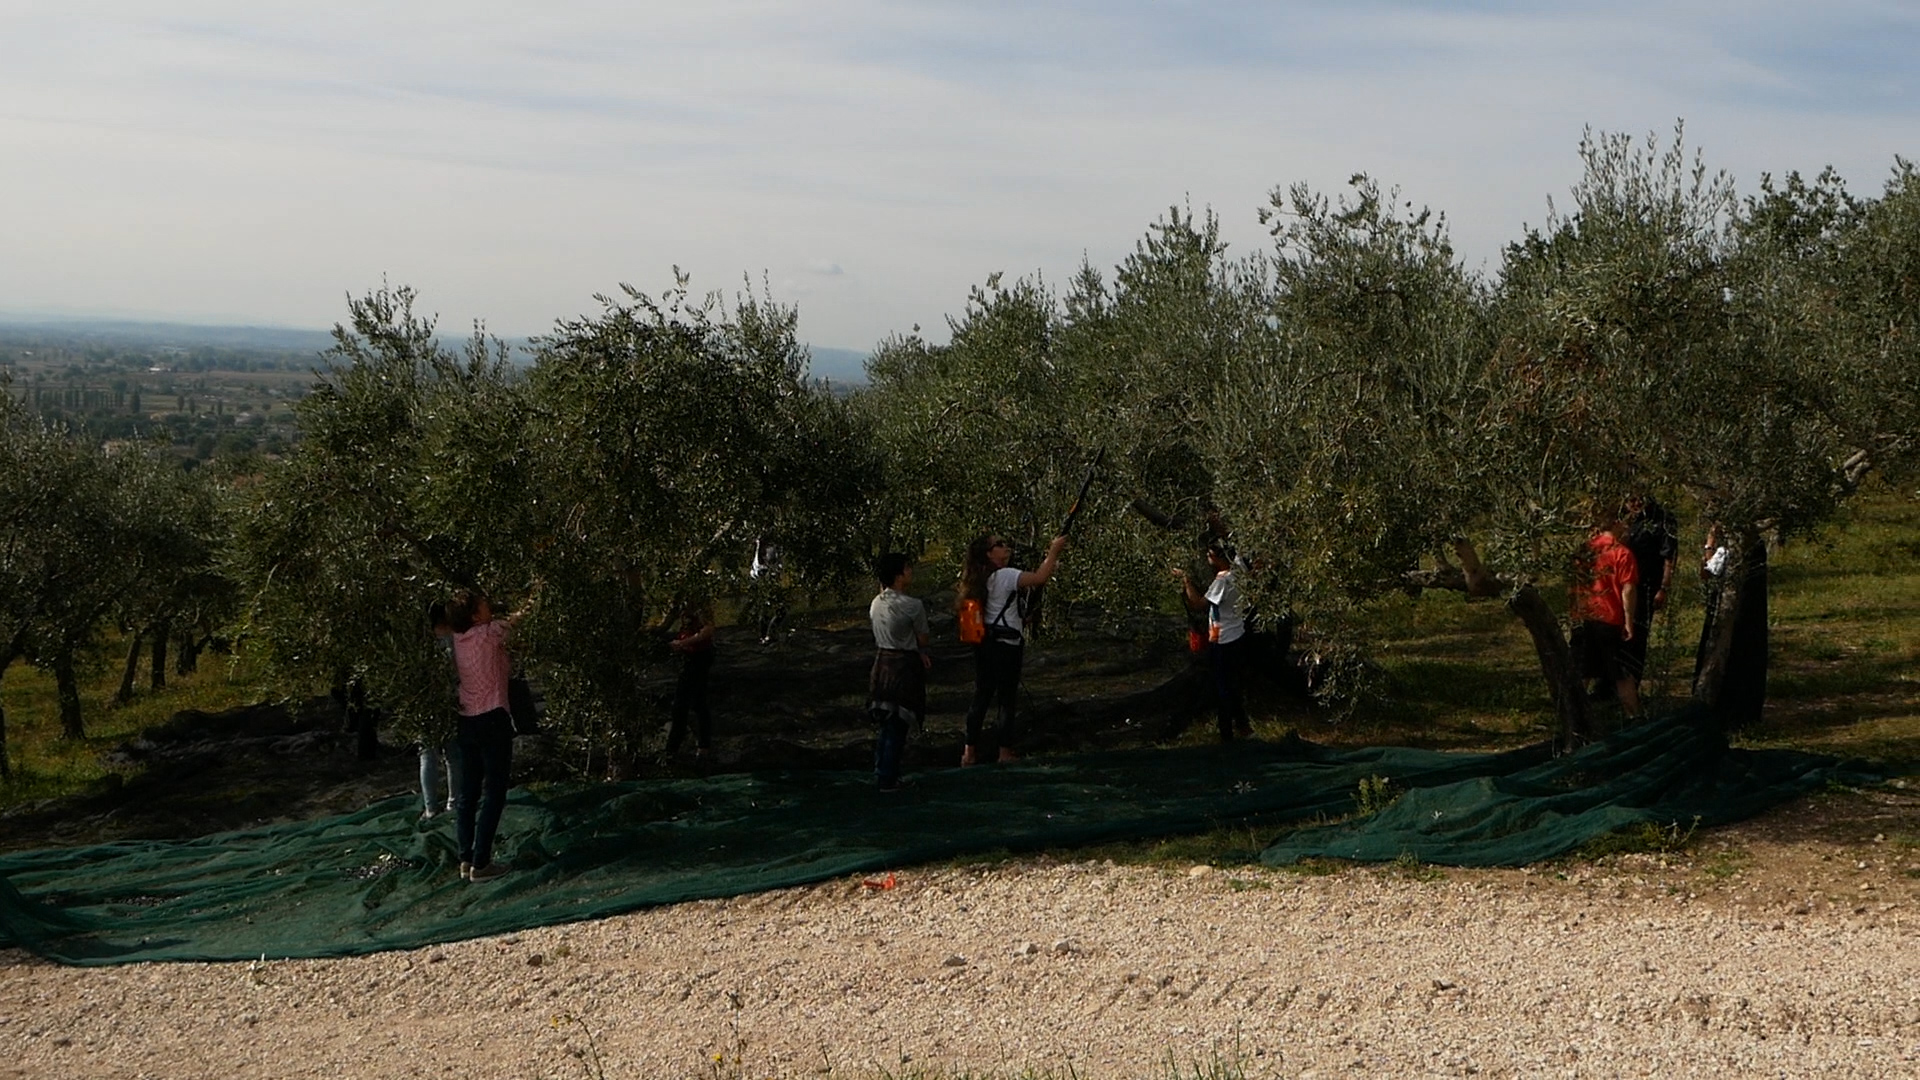 Esperienza sensoriale Assisi Tili Vini - Raccogliamo le olive insieme 9